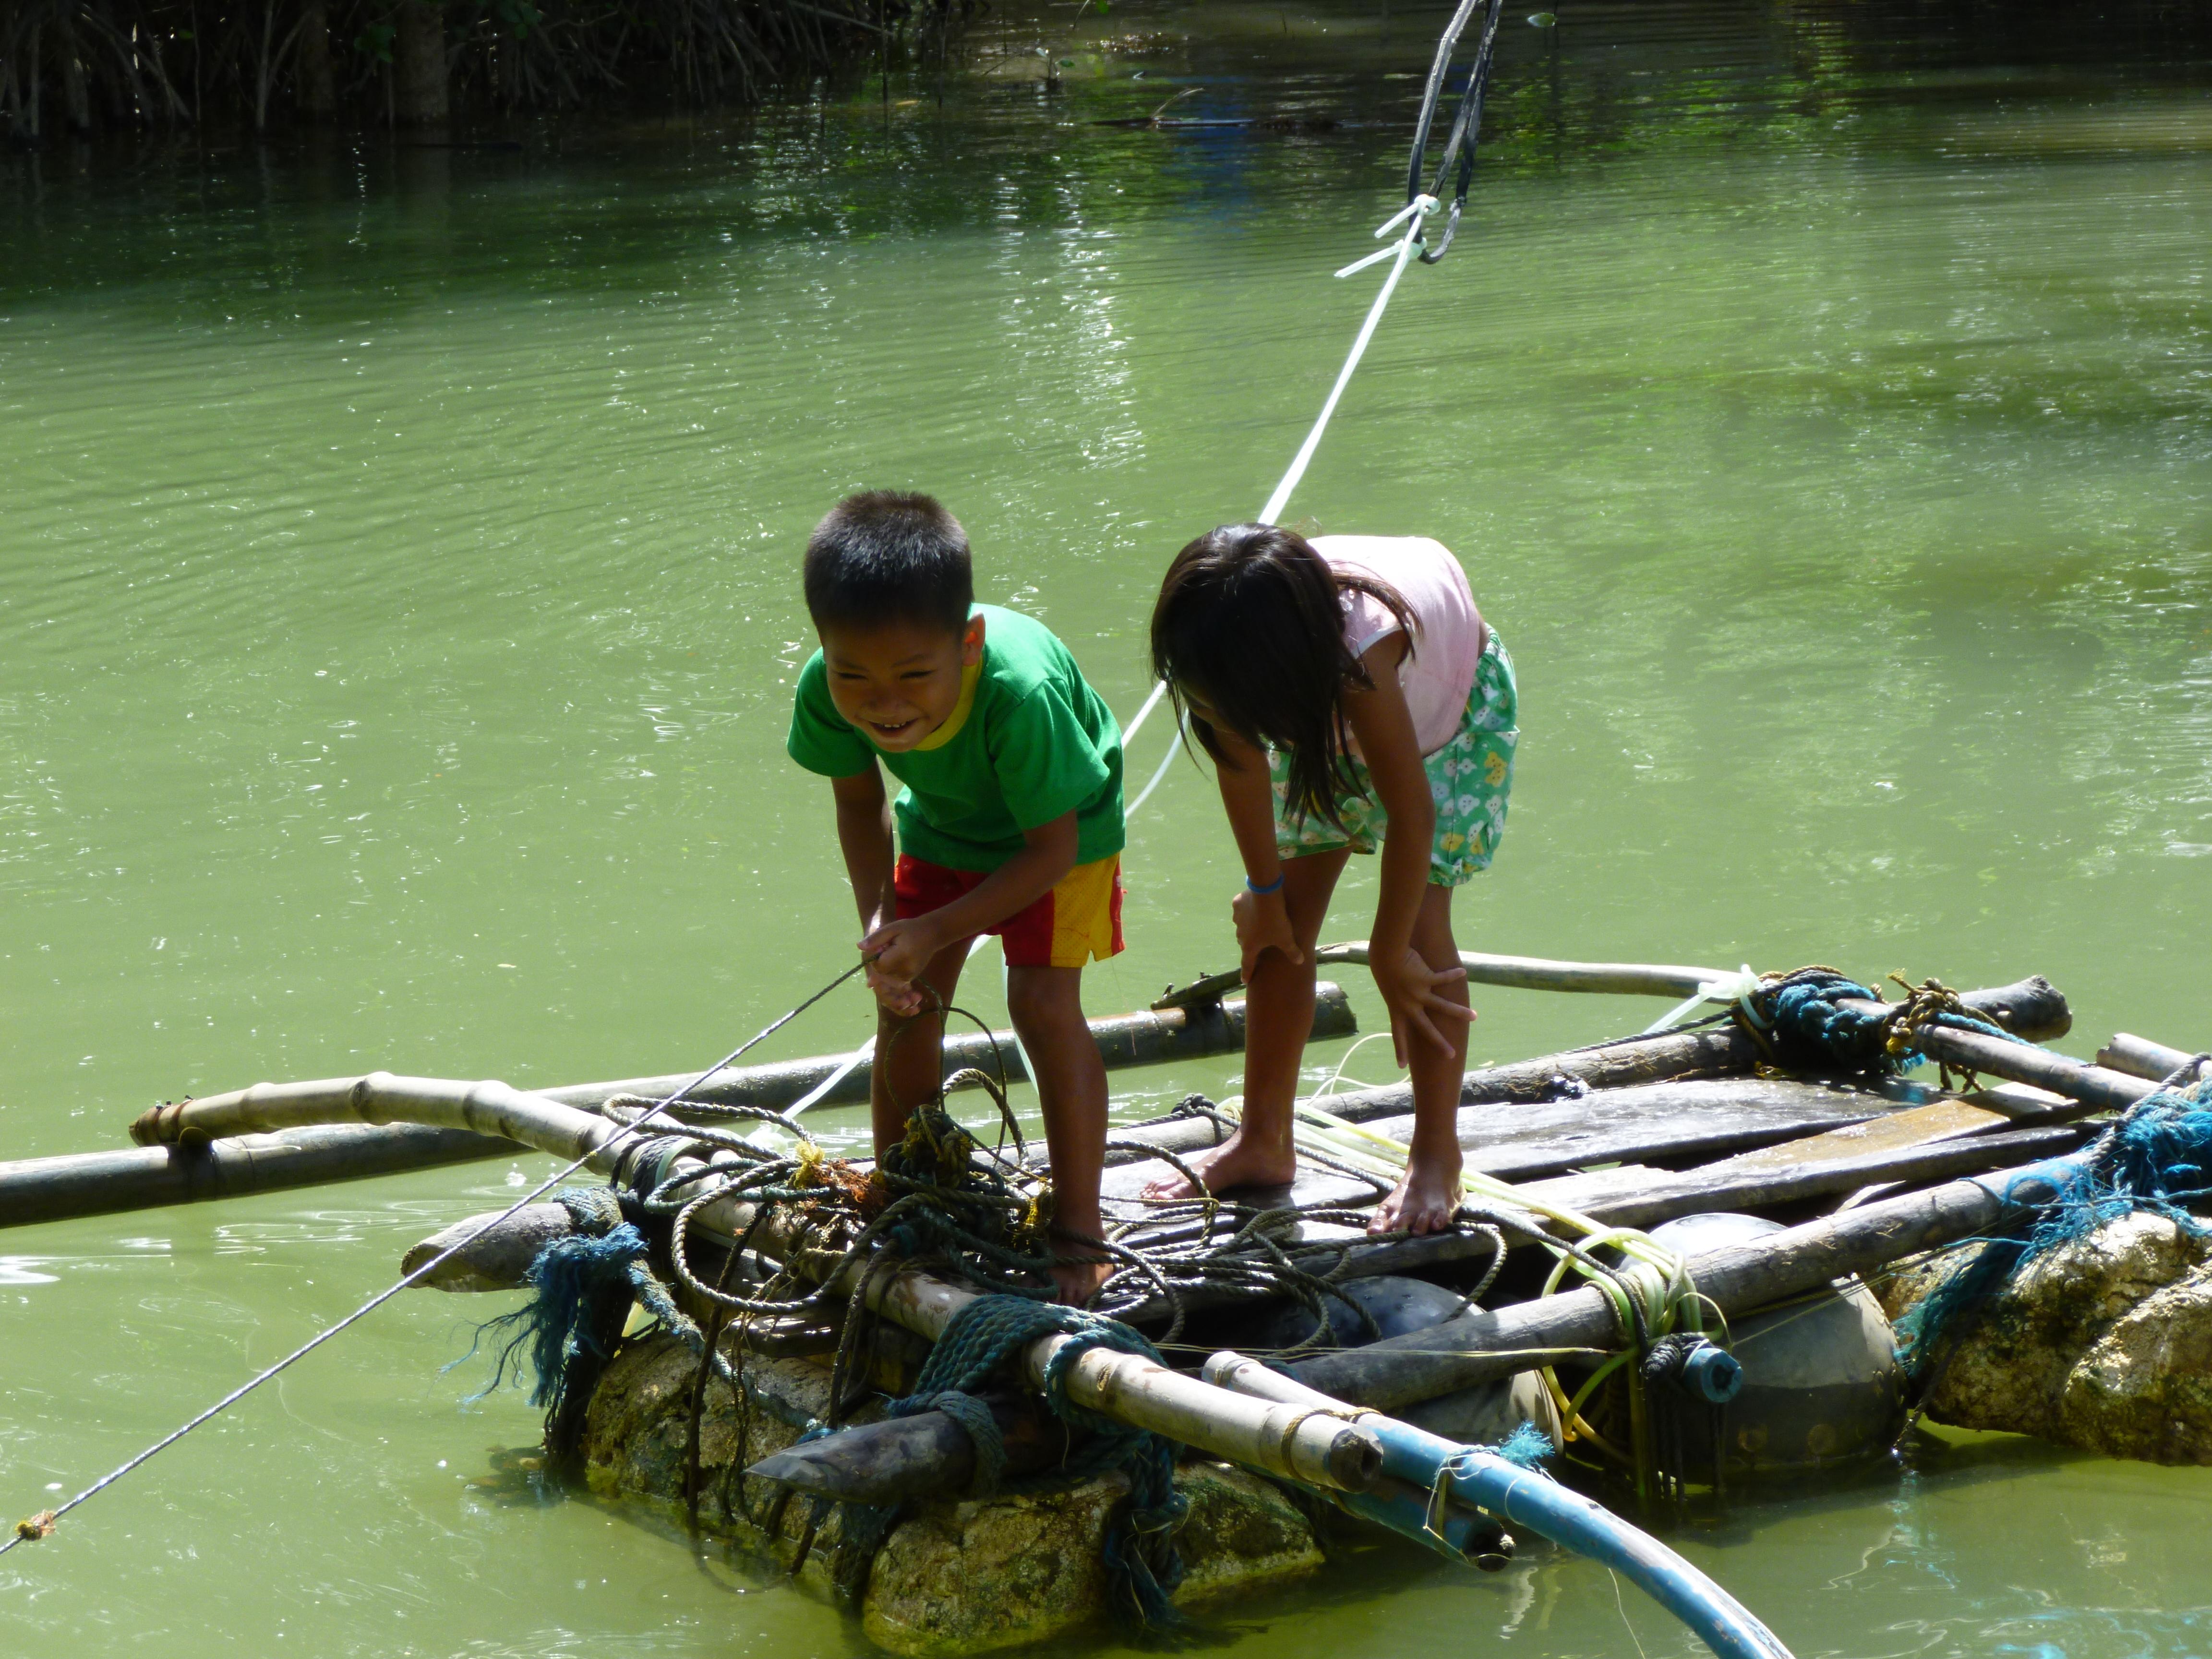 enfants traversants un ruisseau grace à un radeau, nous ferons de même.